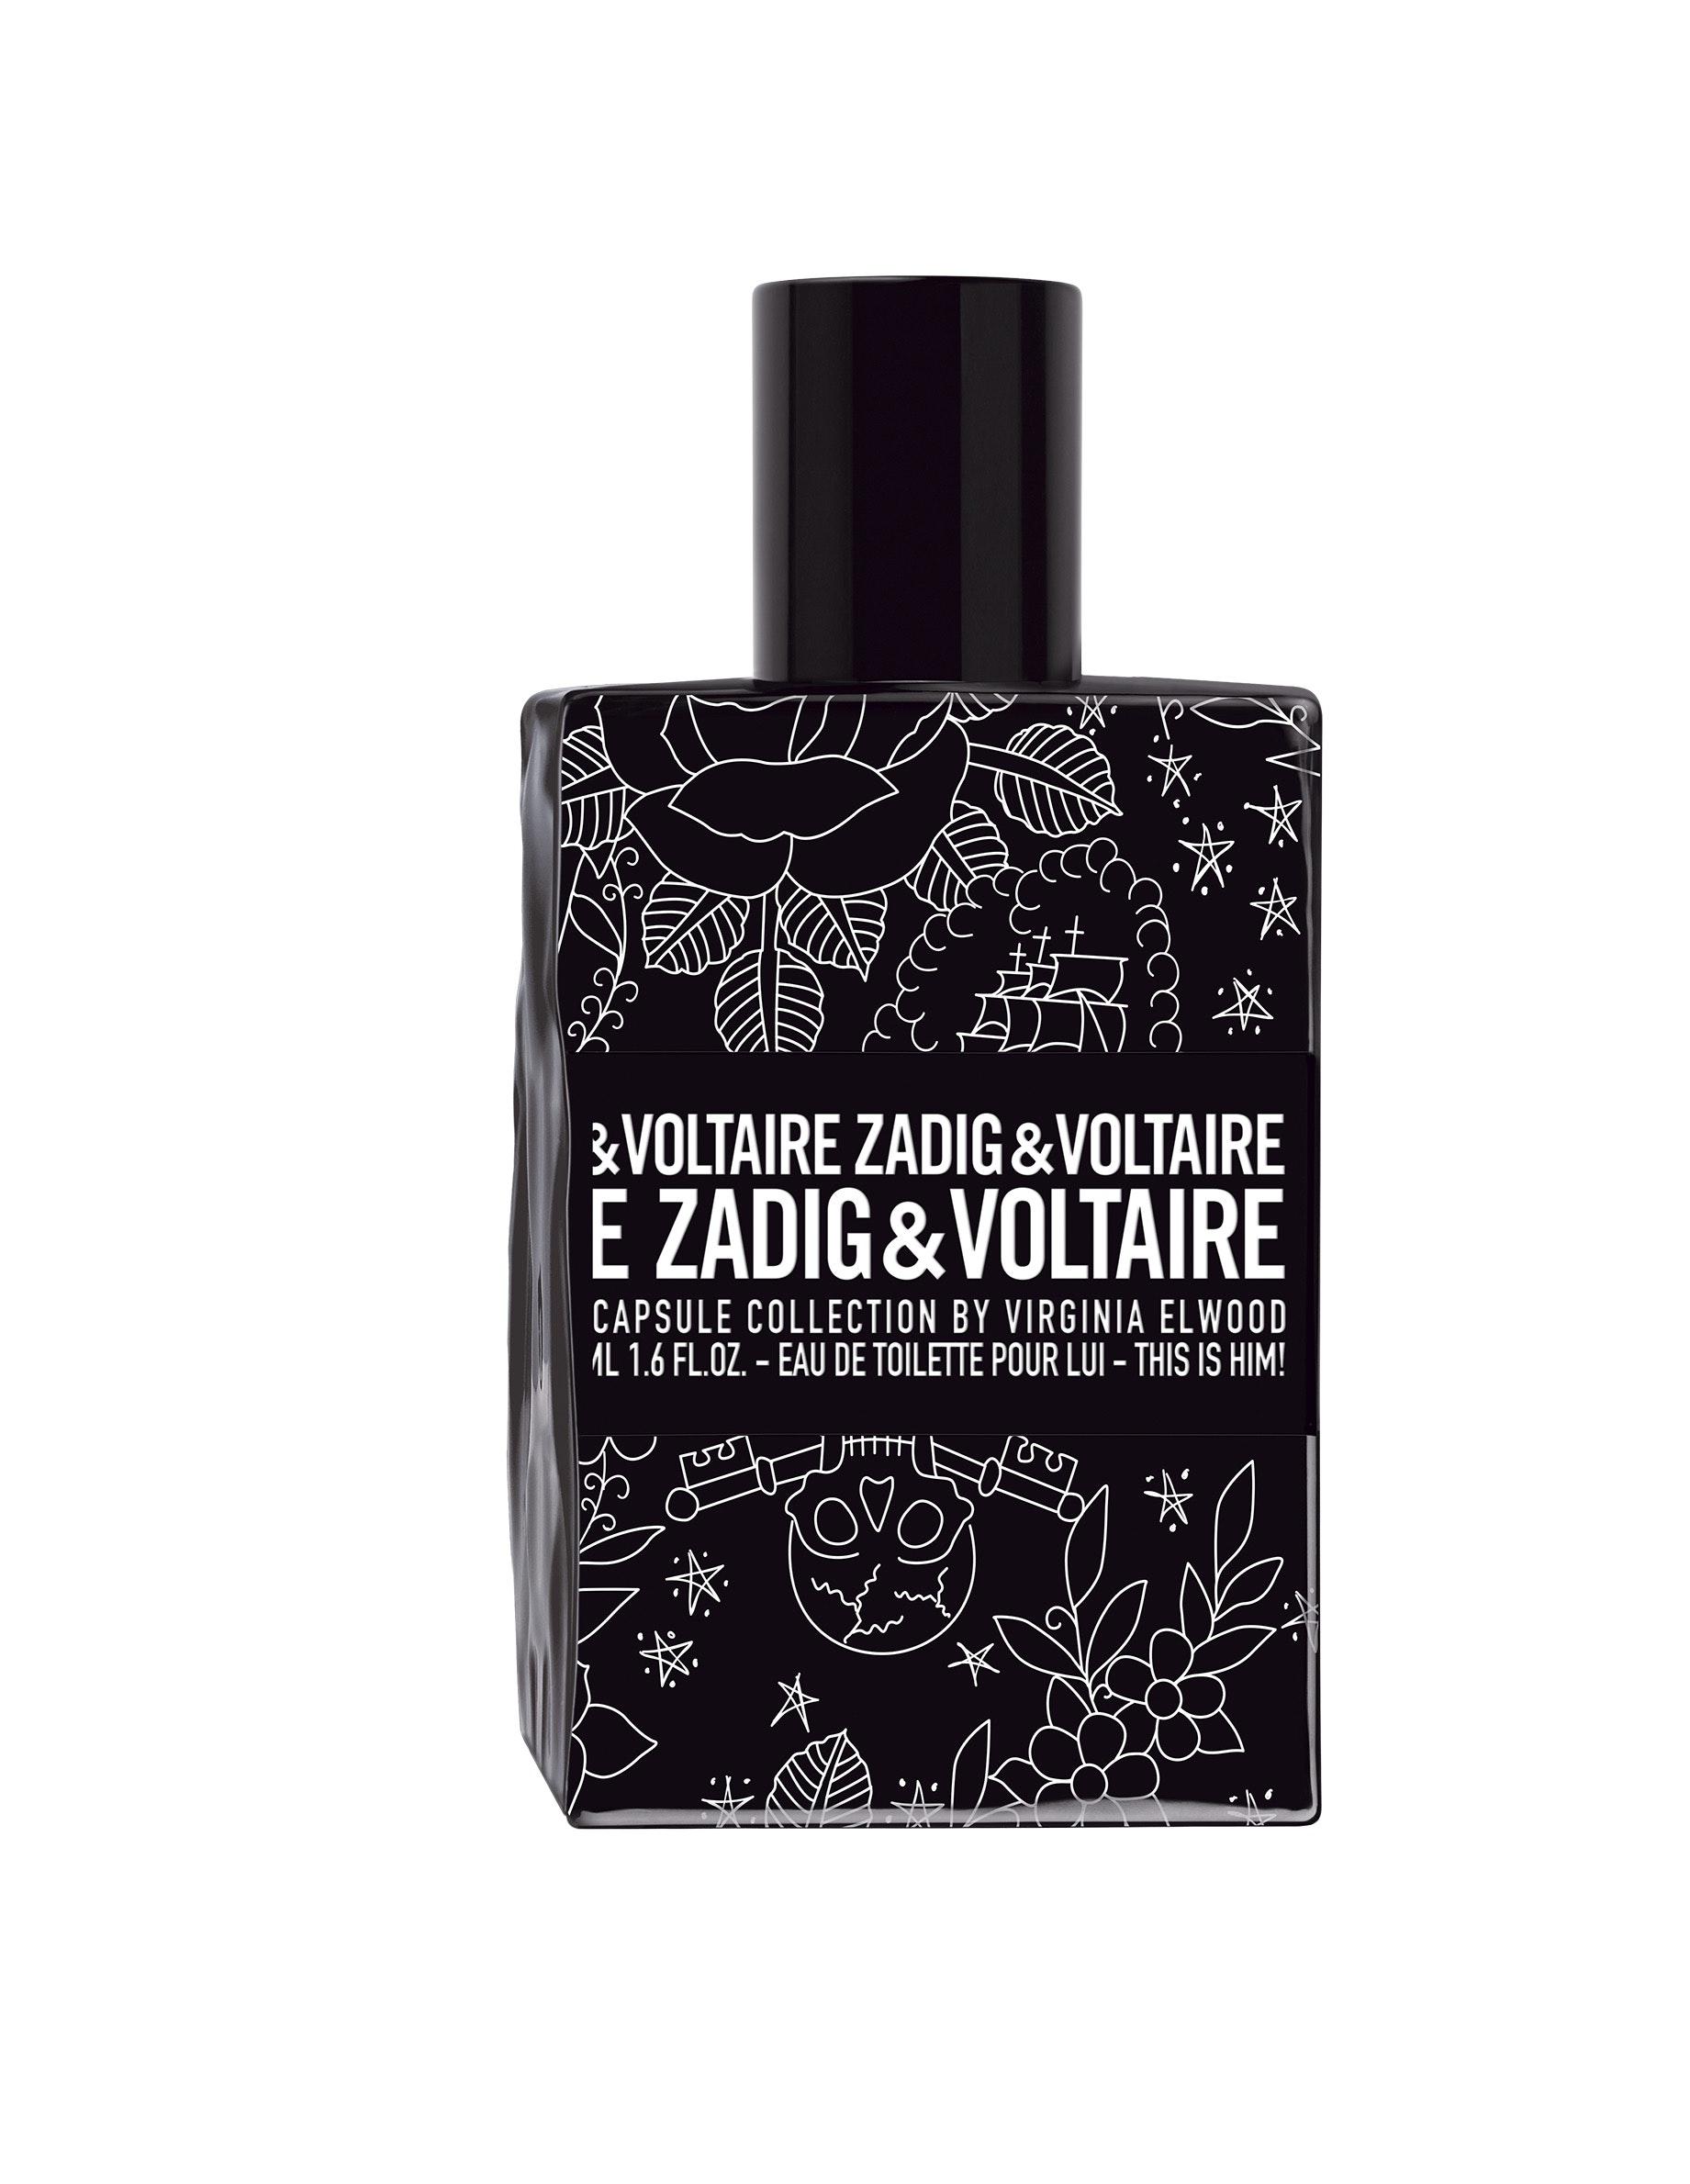 Zadig & Voltaire | This is Him Coleção Cápsula | 50ml_55€